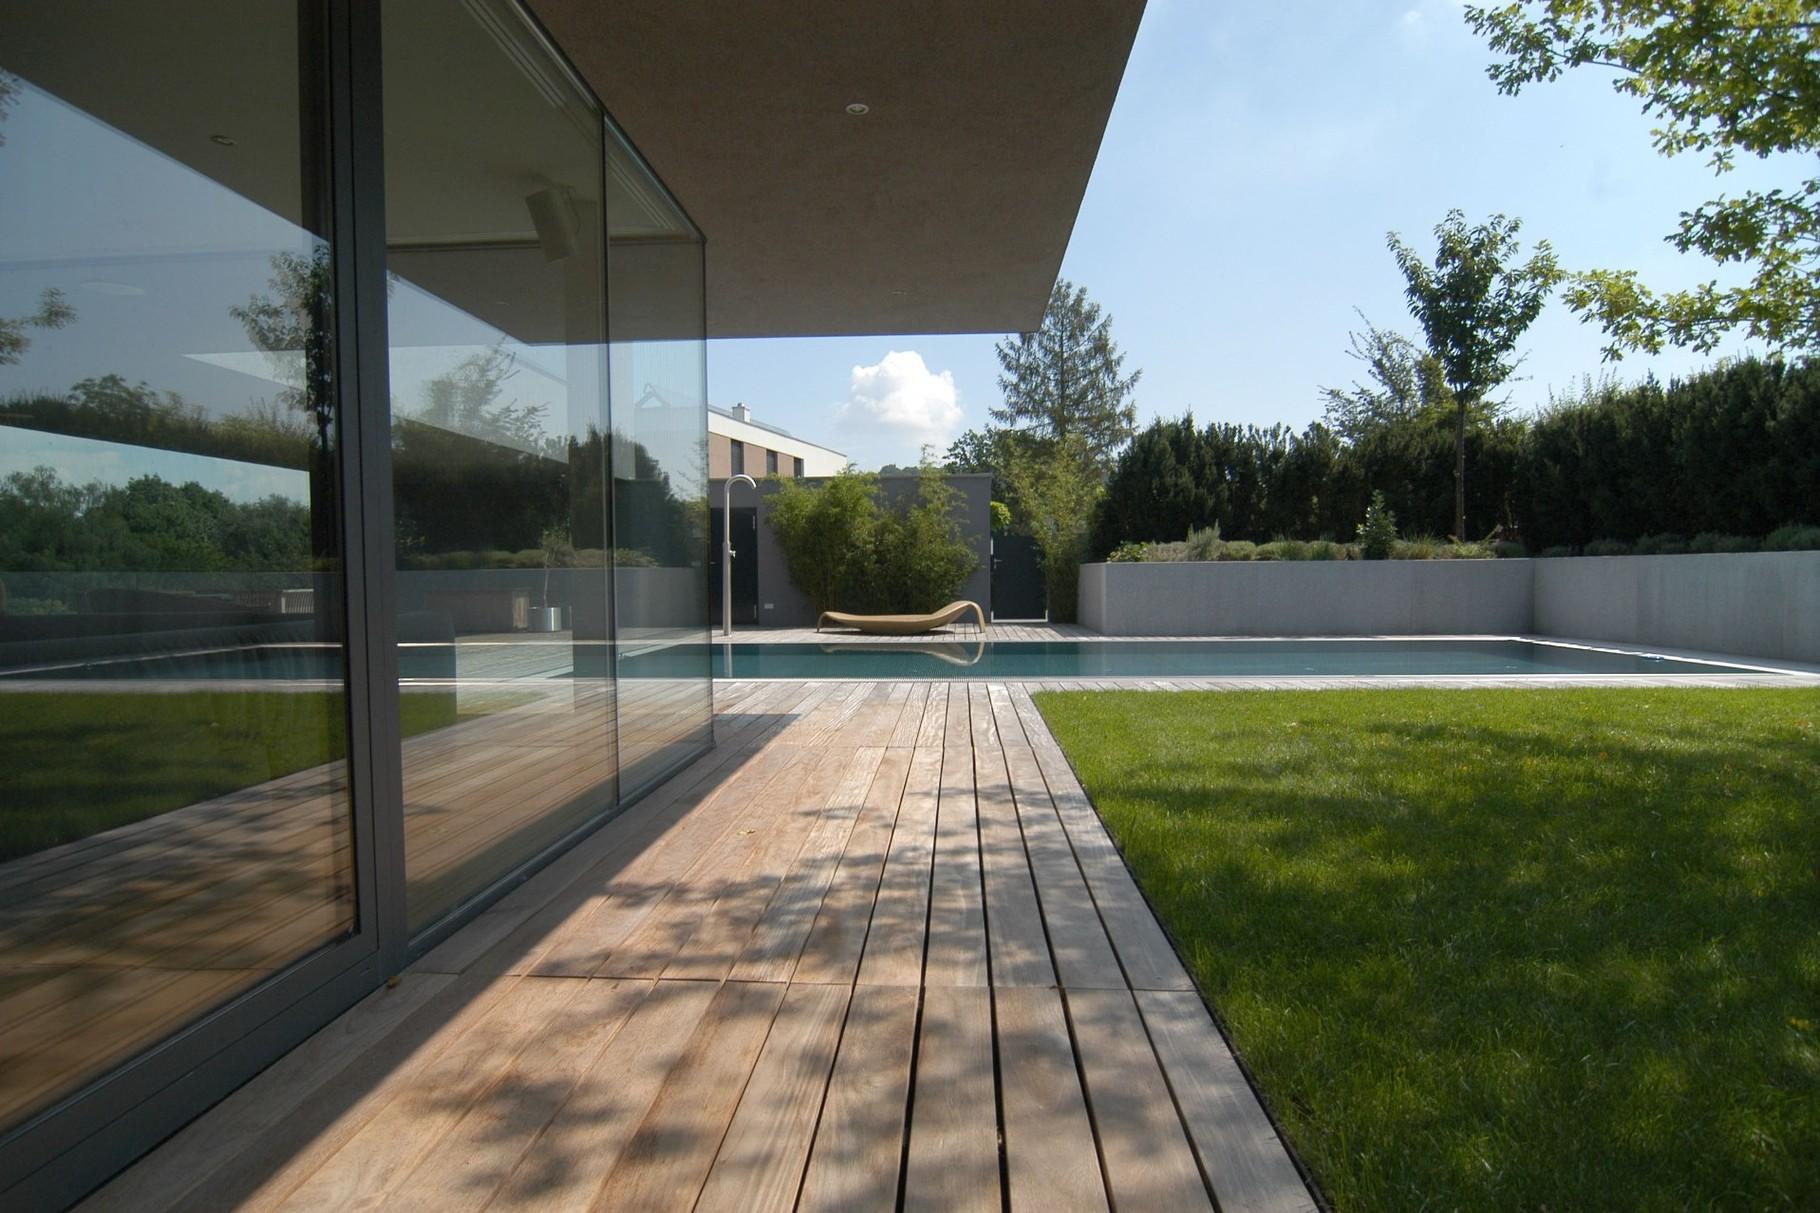 Südamerikanisches Hartholz für Terrasse und Sichtschutz - Terra Domo in Filderstadt